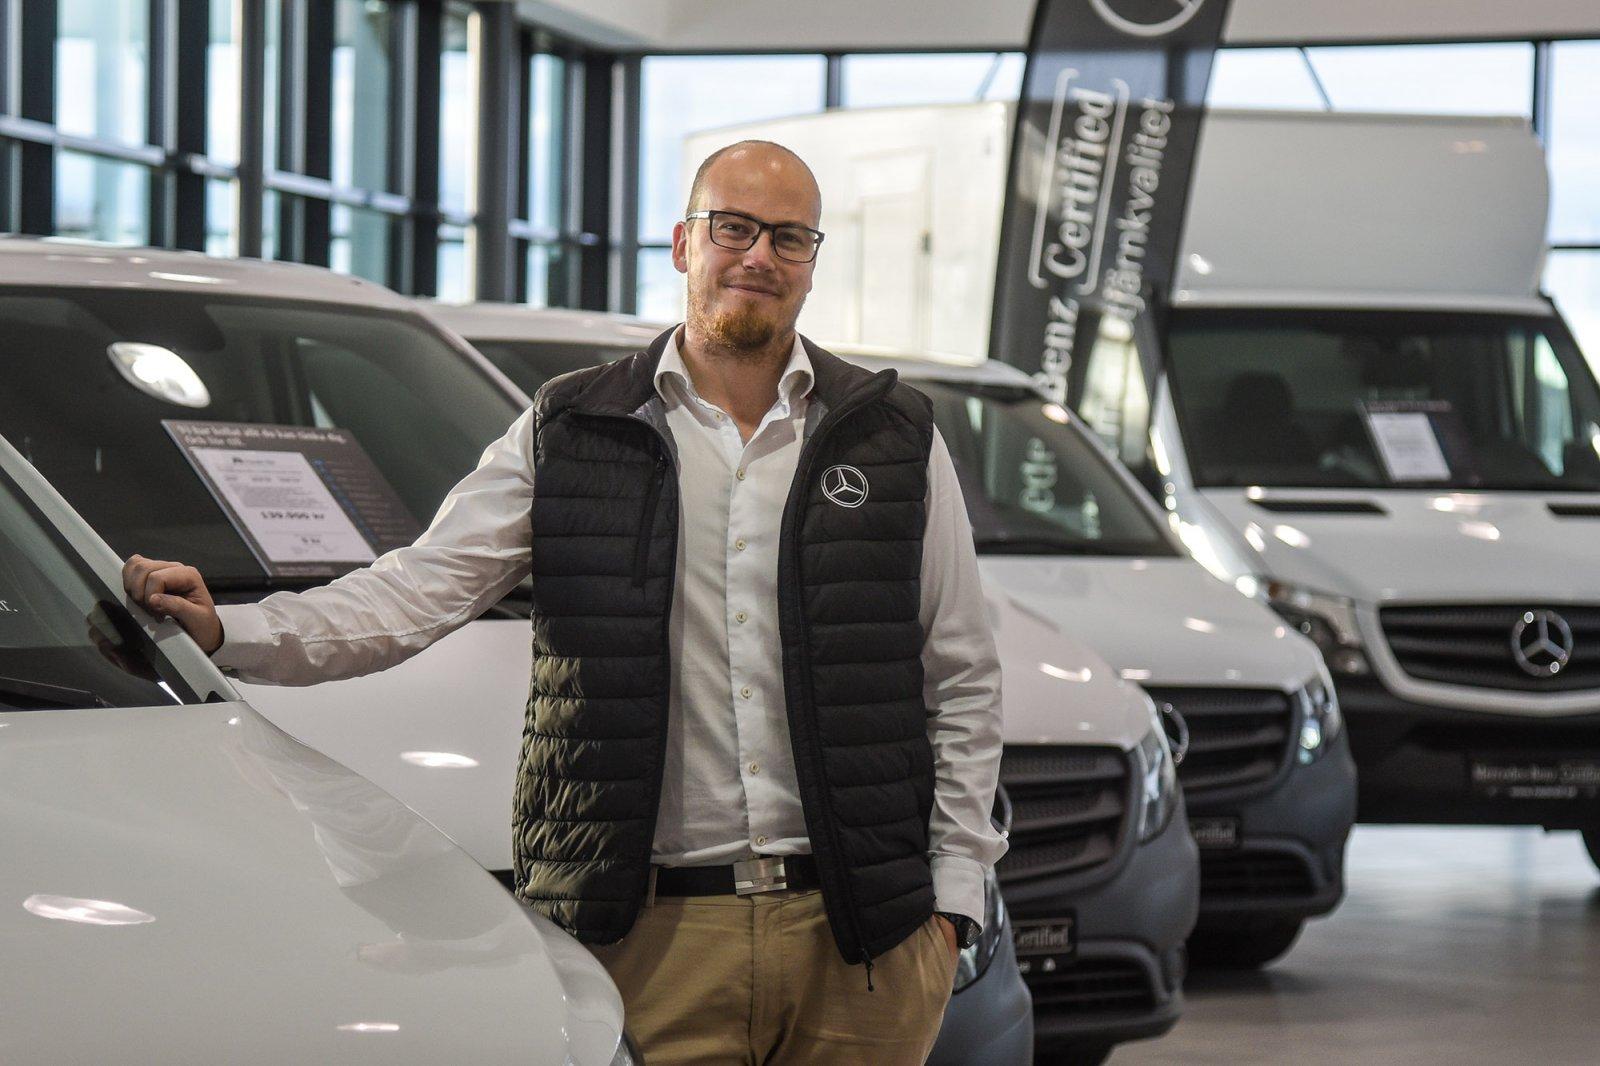 Christian Friis ansvarar för begagnade transportbilar på Hedin Bils transport och lastbilscenter i Helsingborg.